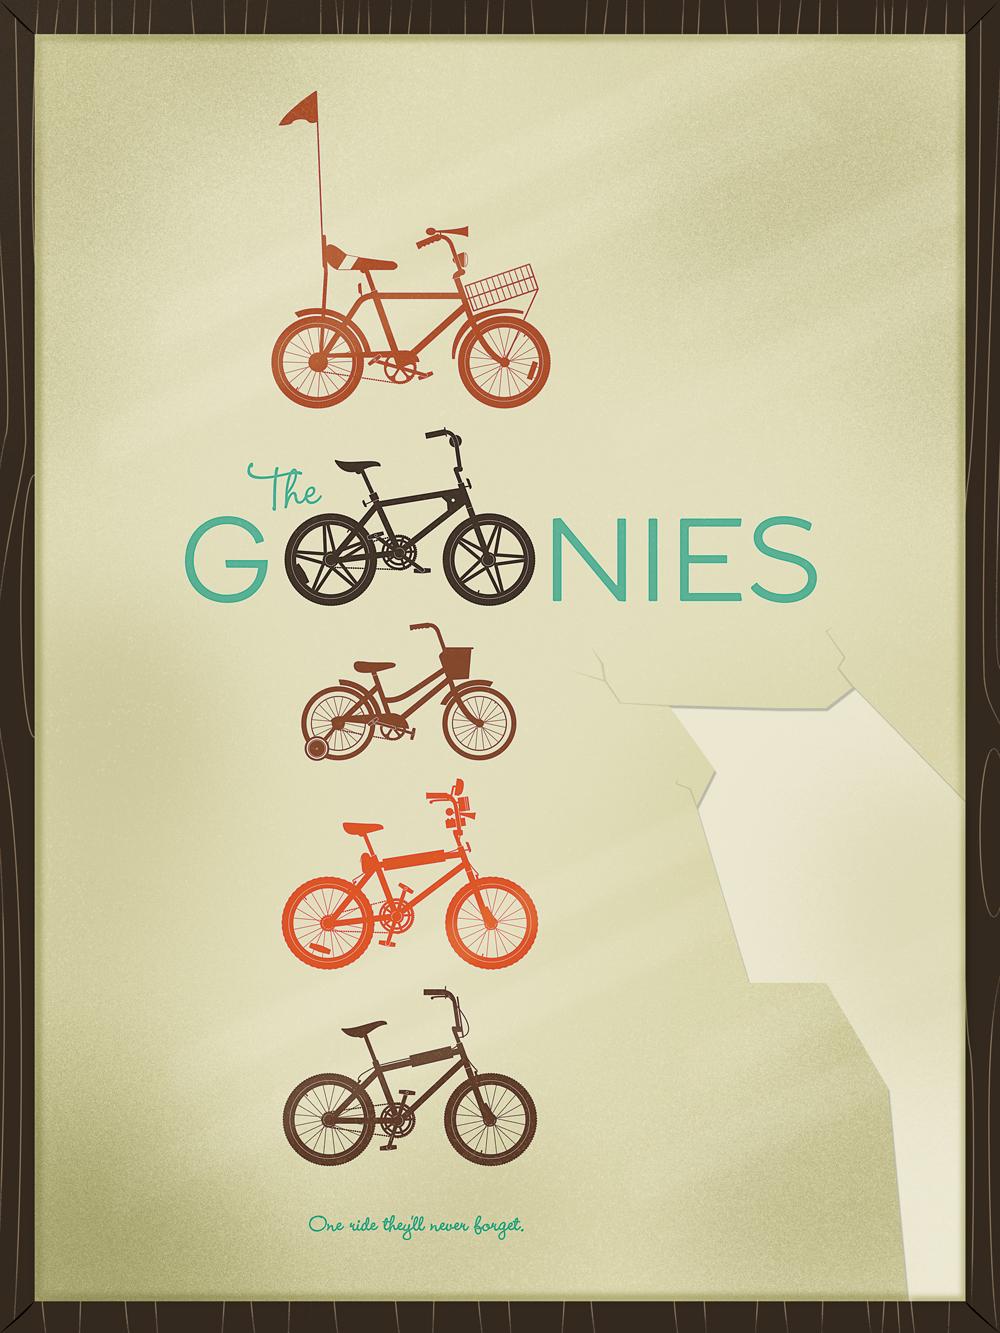 goonies6.jpg